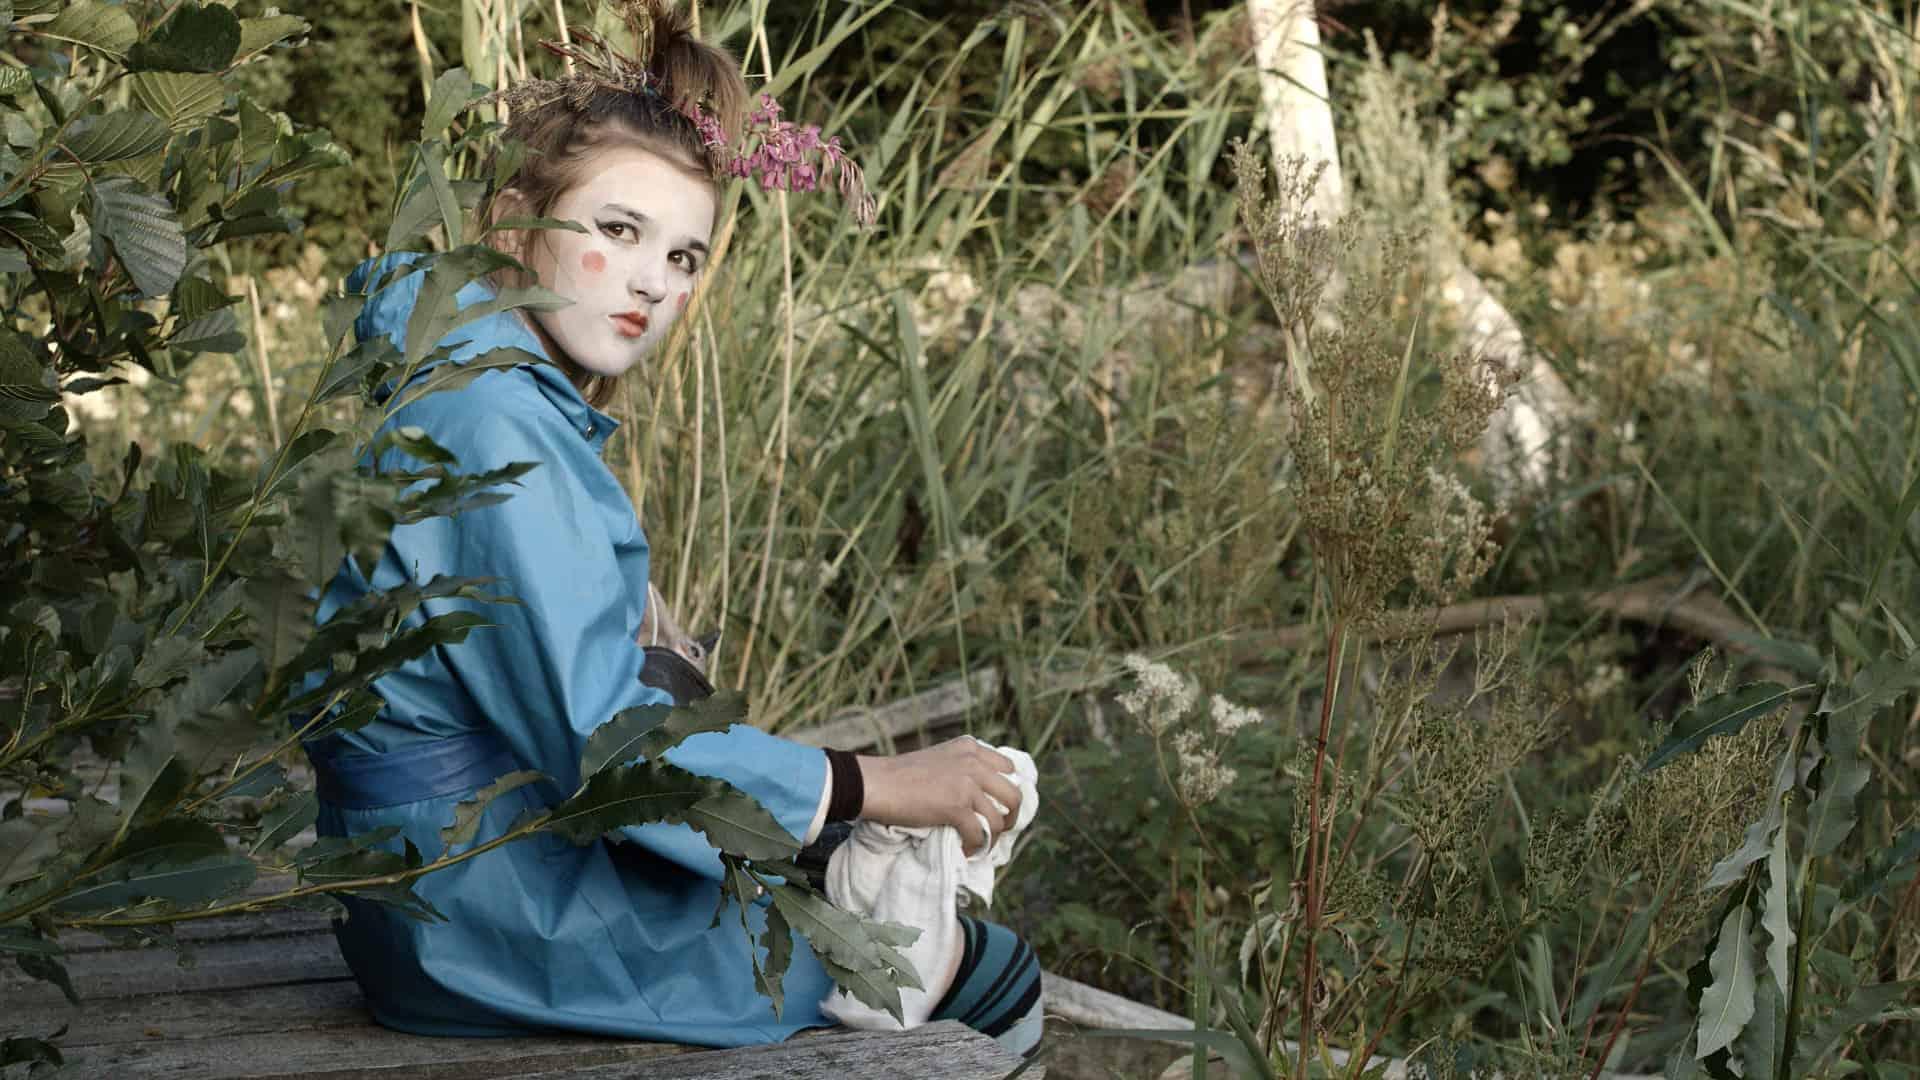 Samurai Rauni Reposaarelainen – Elokuvan tekemisestä osa 3 – Näyttelijät